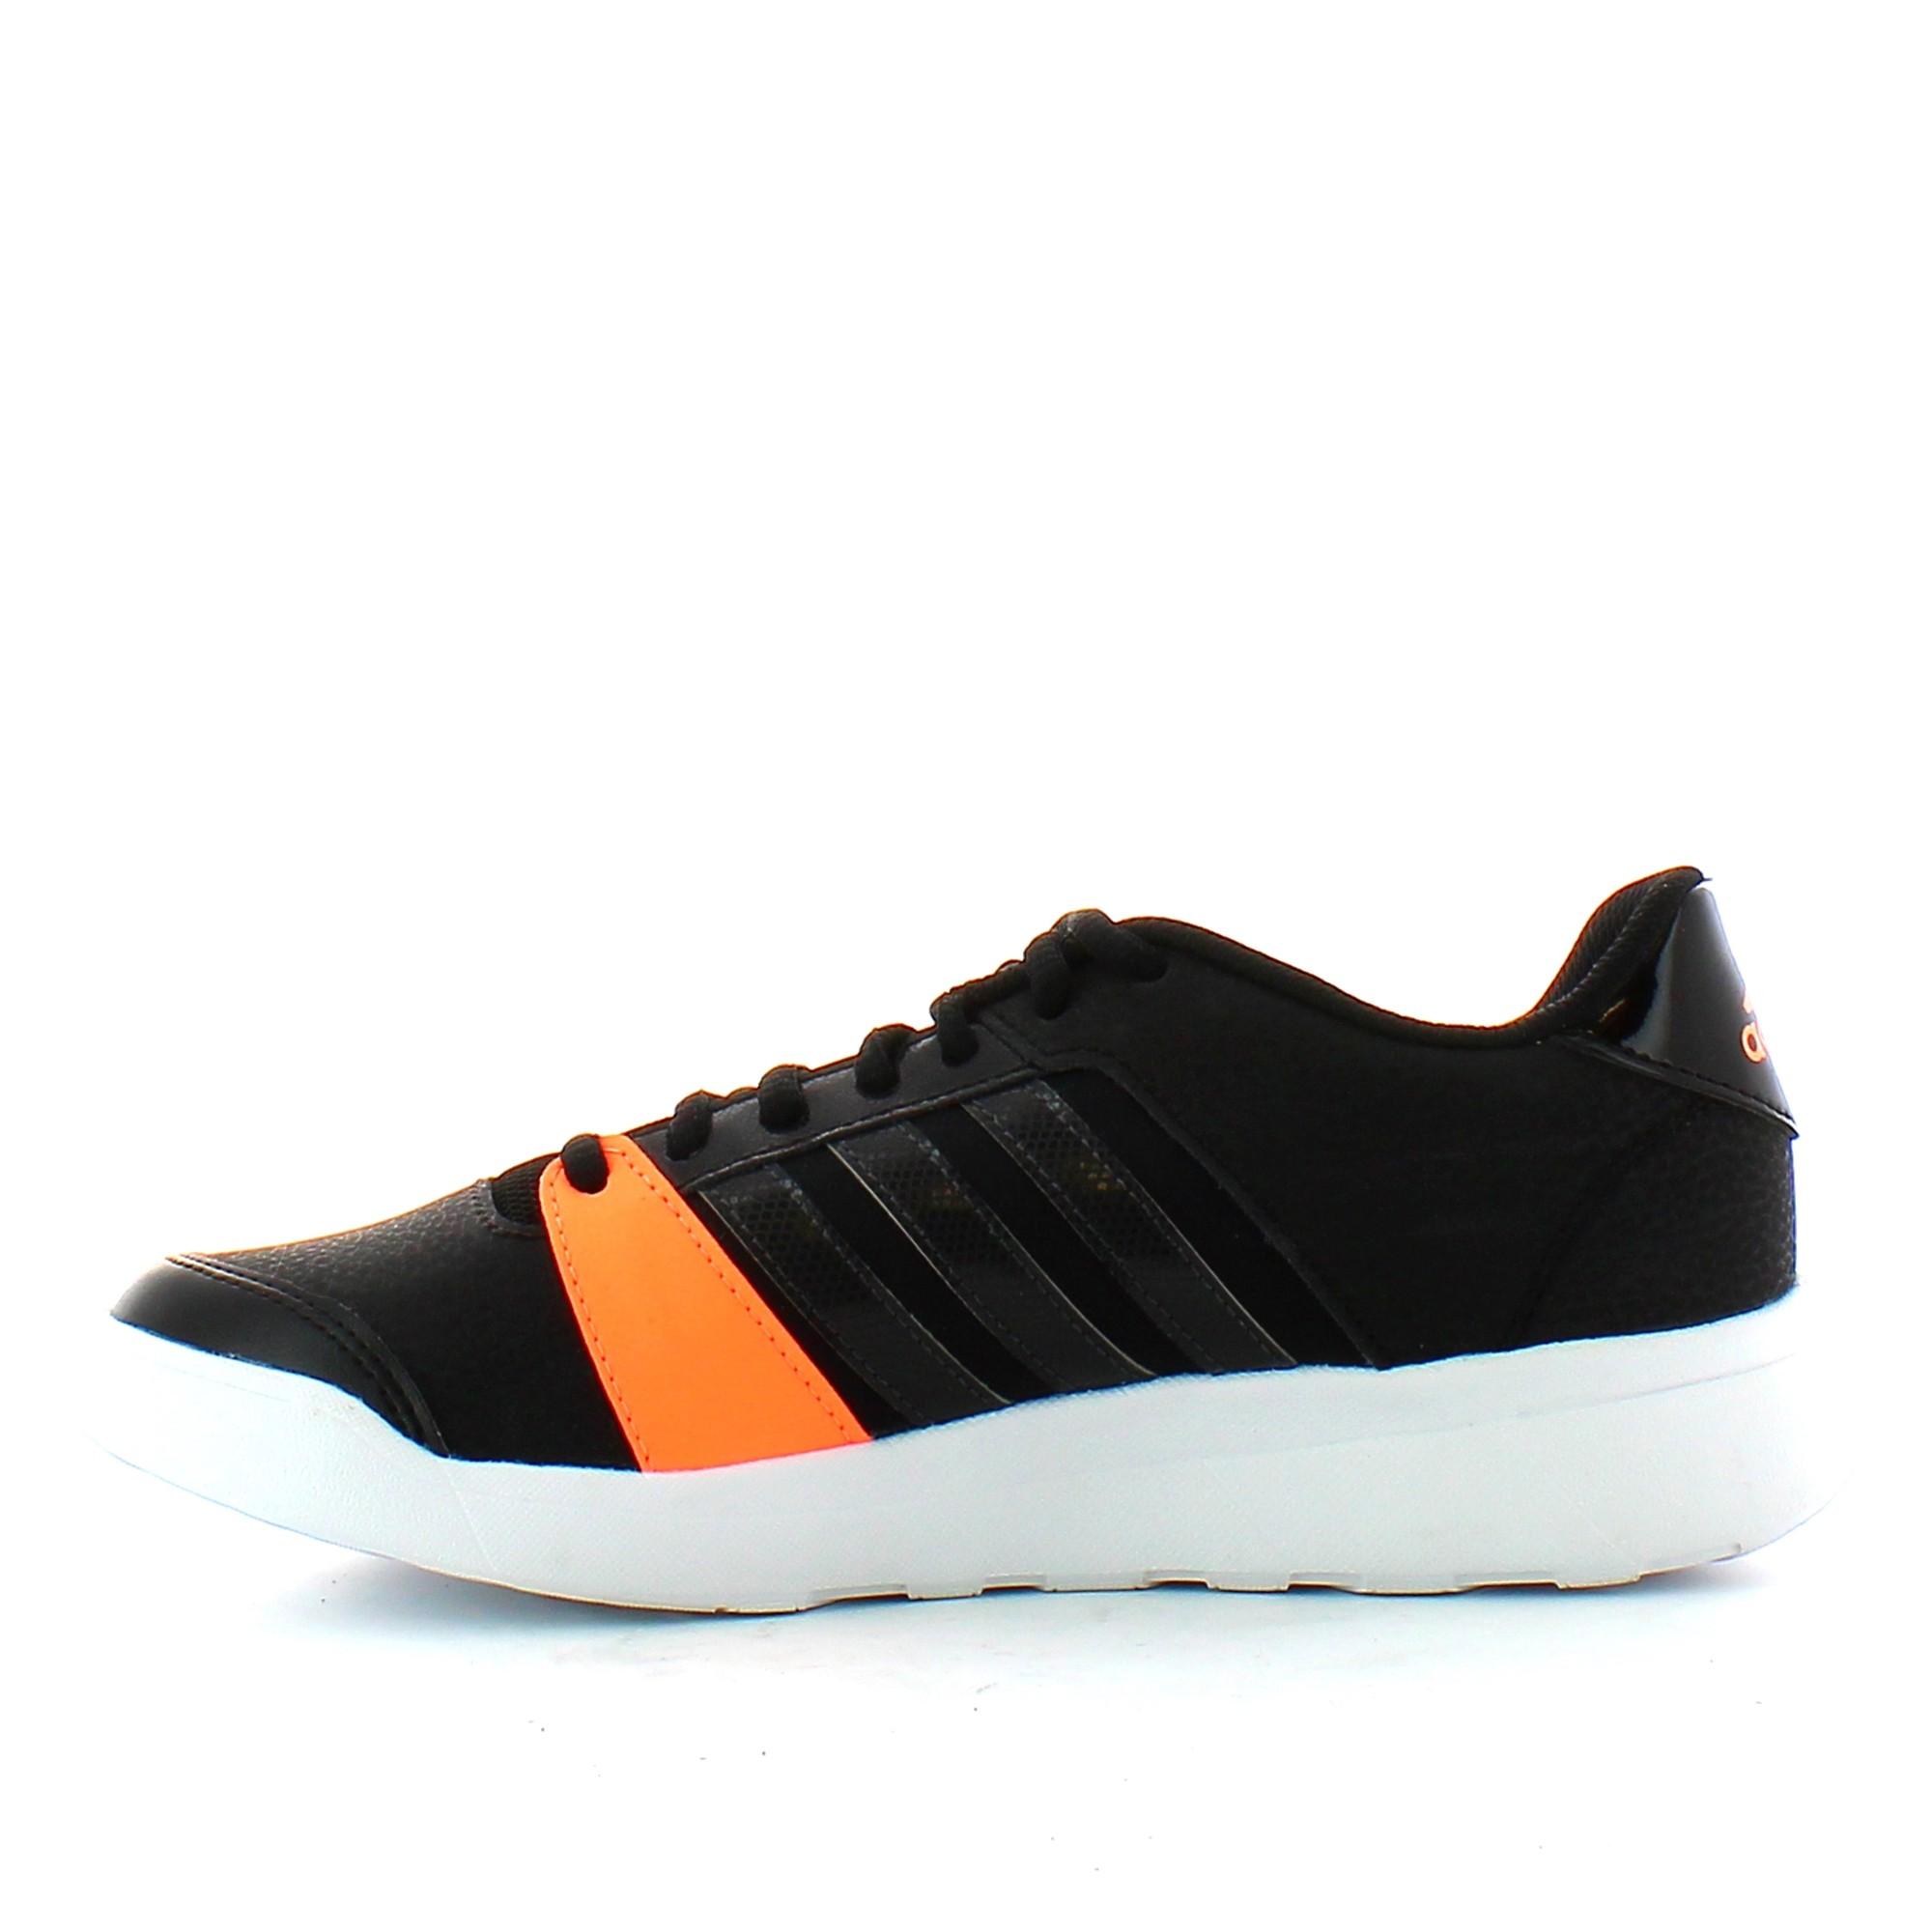 info for 4655b 10b3f Zapatillas Adidas Essential Fun W Negro Mujer - Deportes Moy